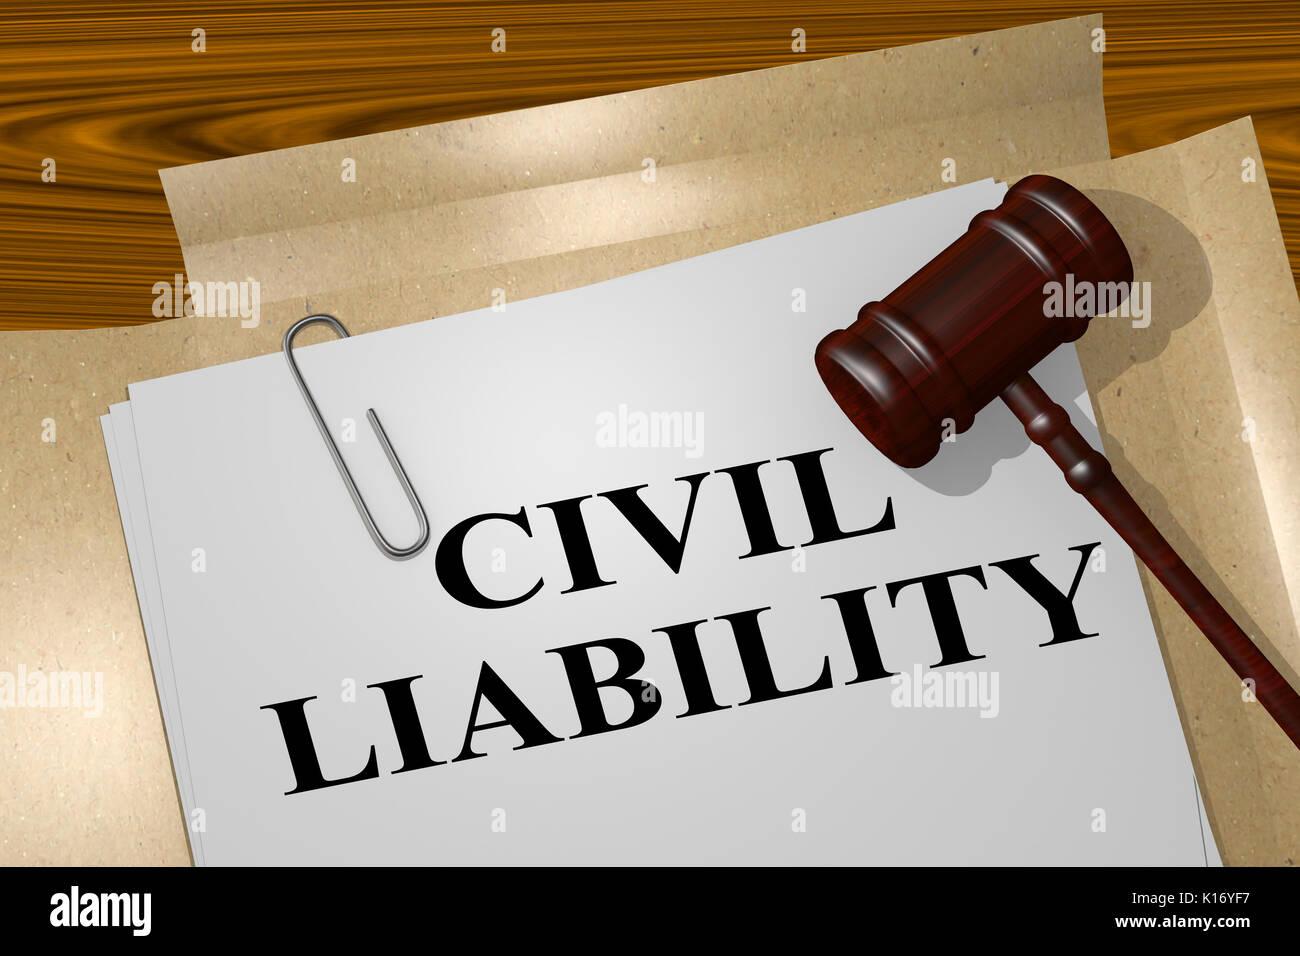 Civil Liability Definition: